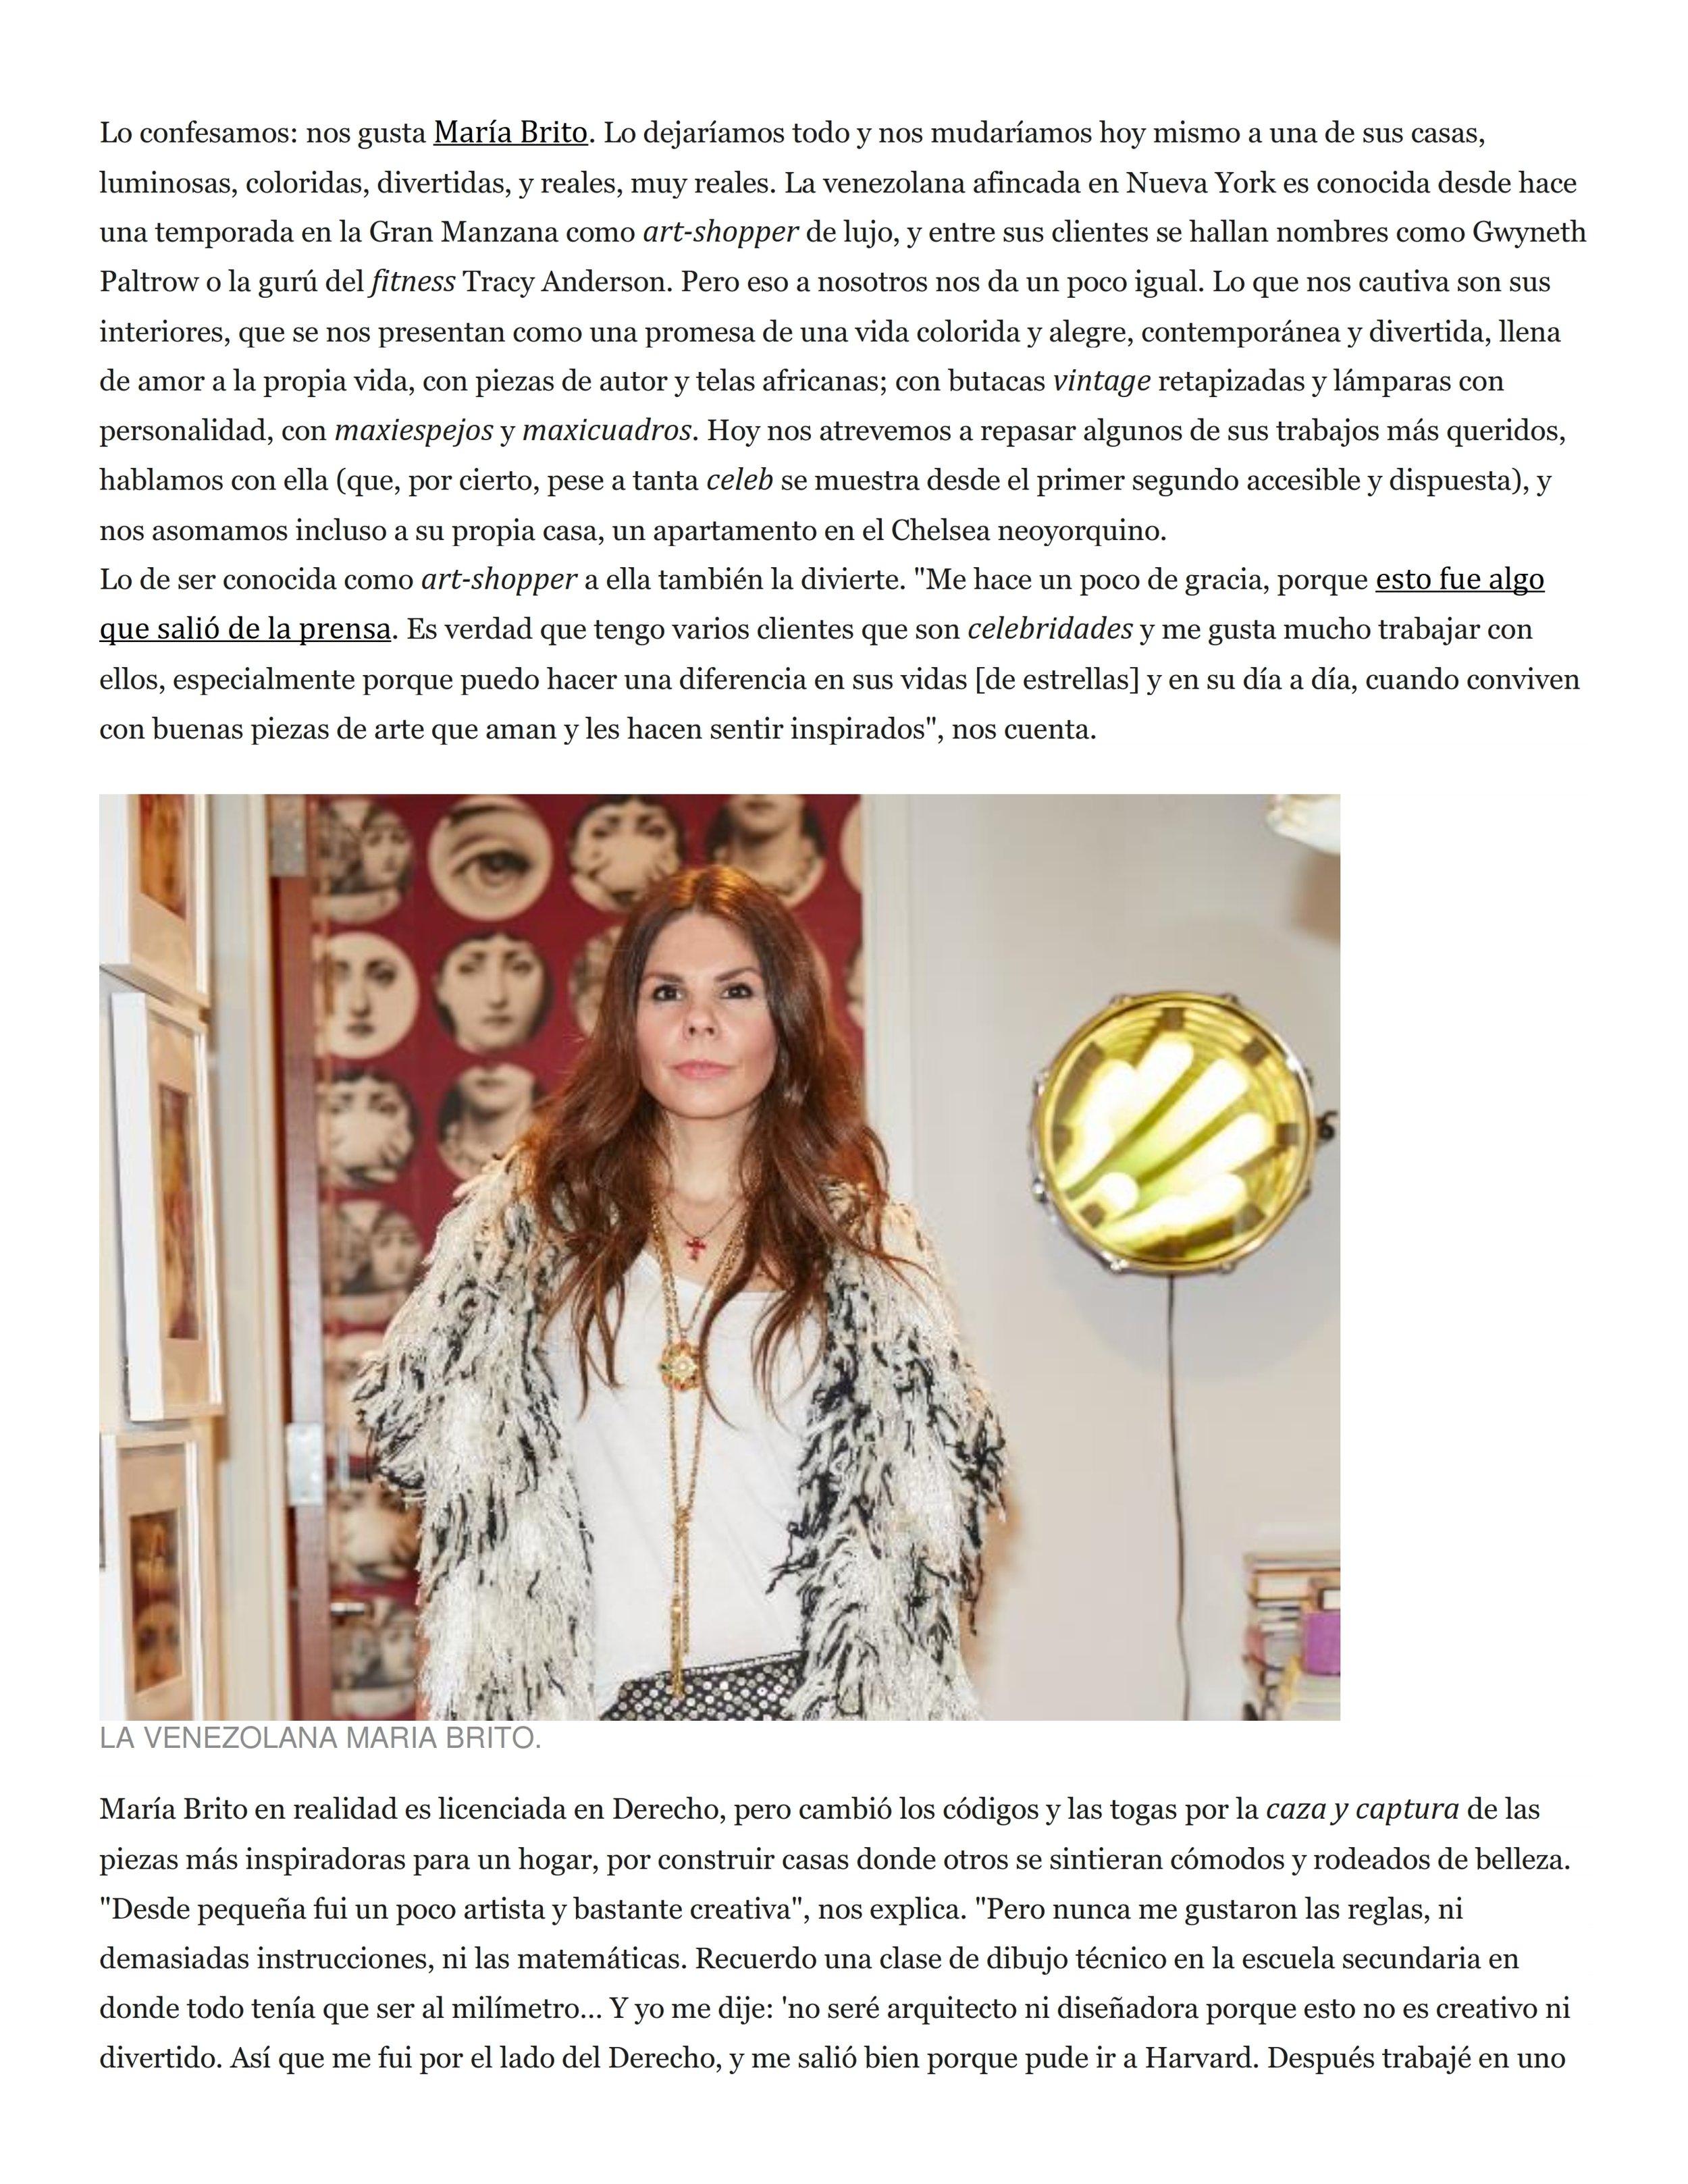 AD-Spain_002.jpg